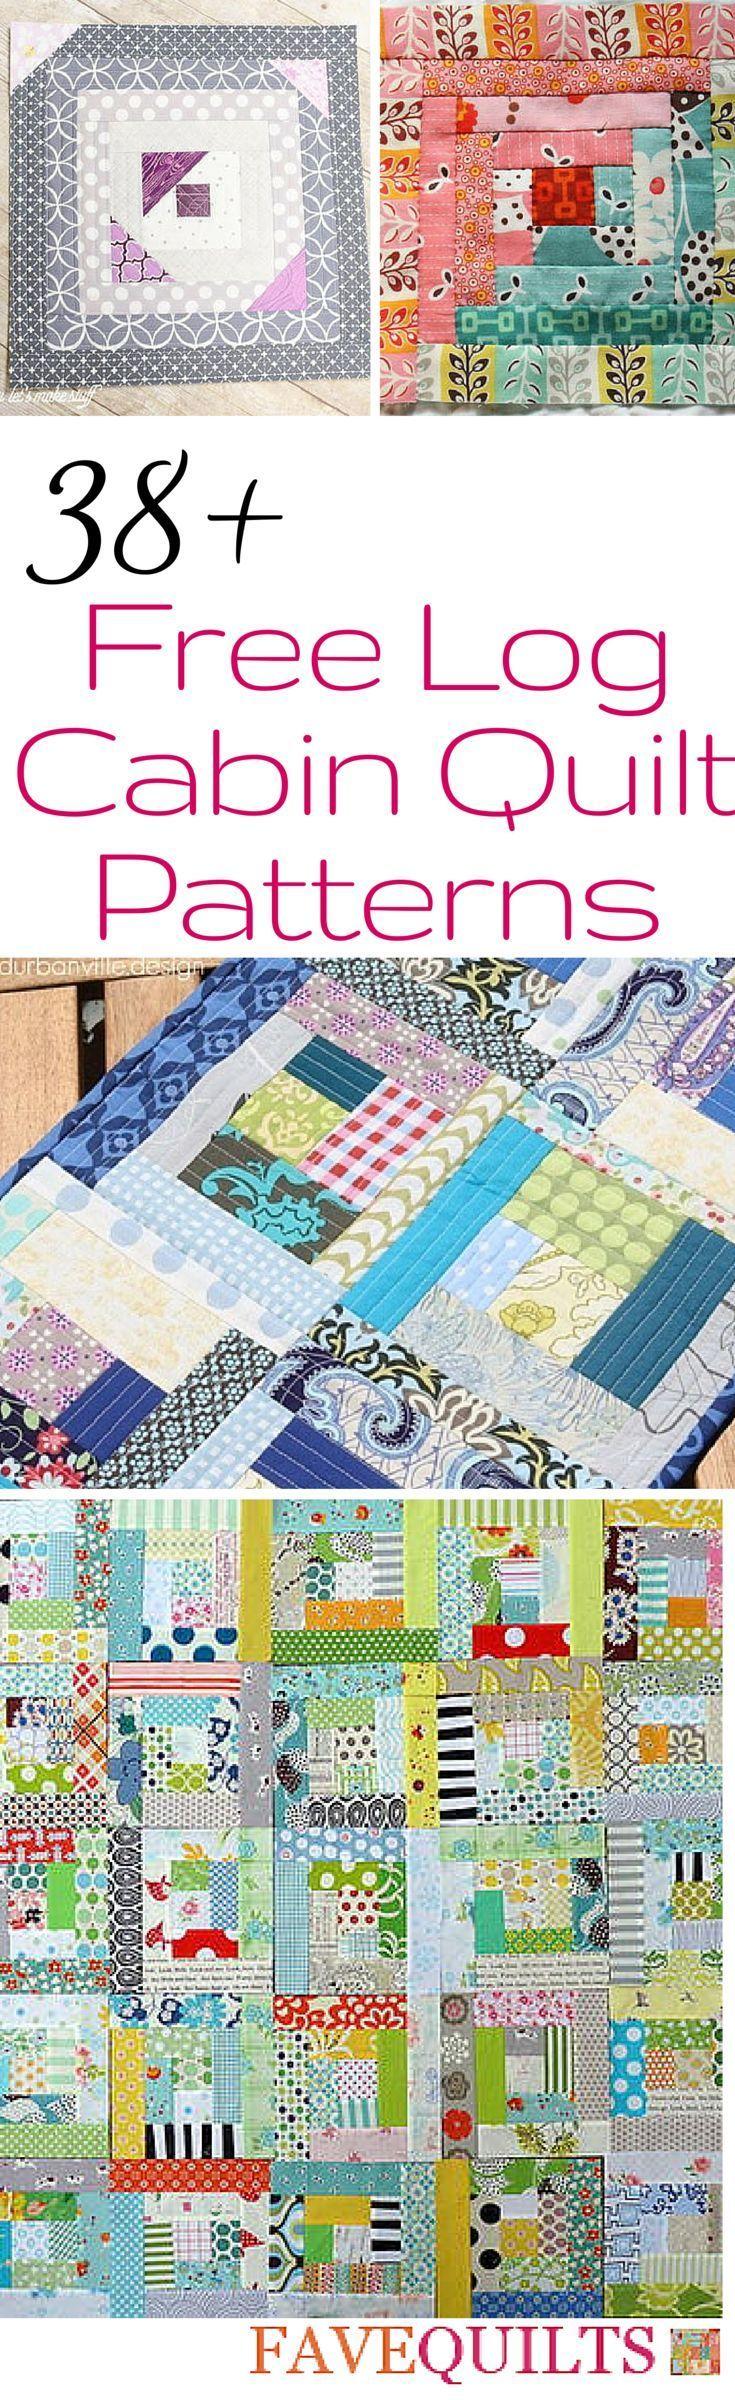 38 Free Log Cabin Quilt Patterns Quilten Babydecke Nahen Patchwork